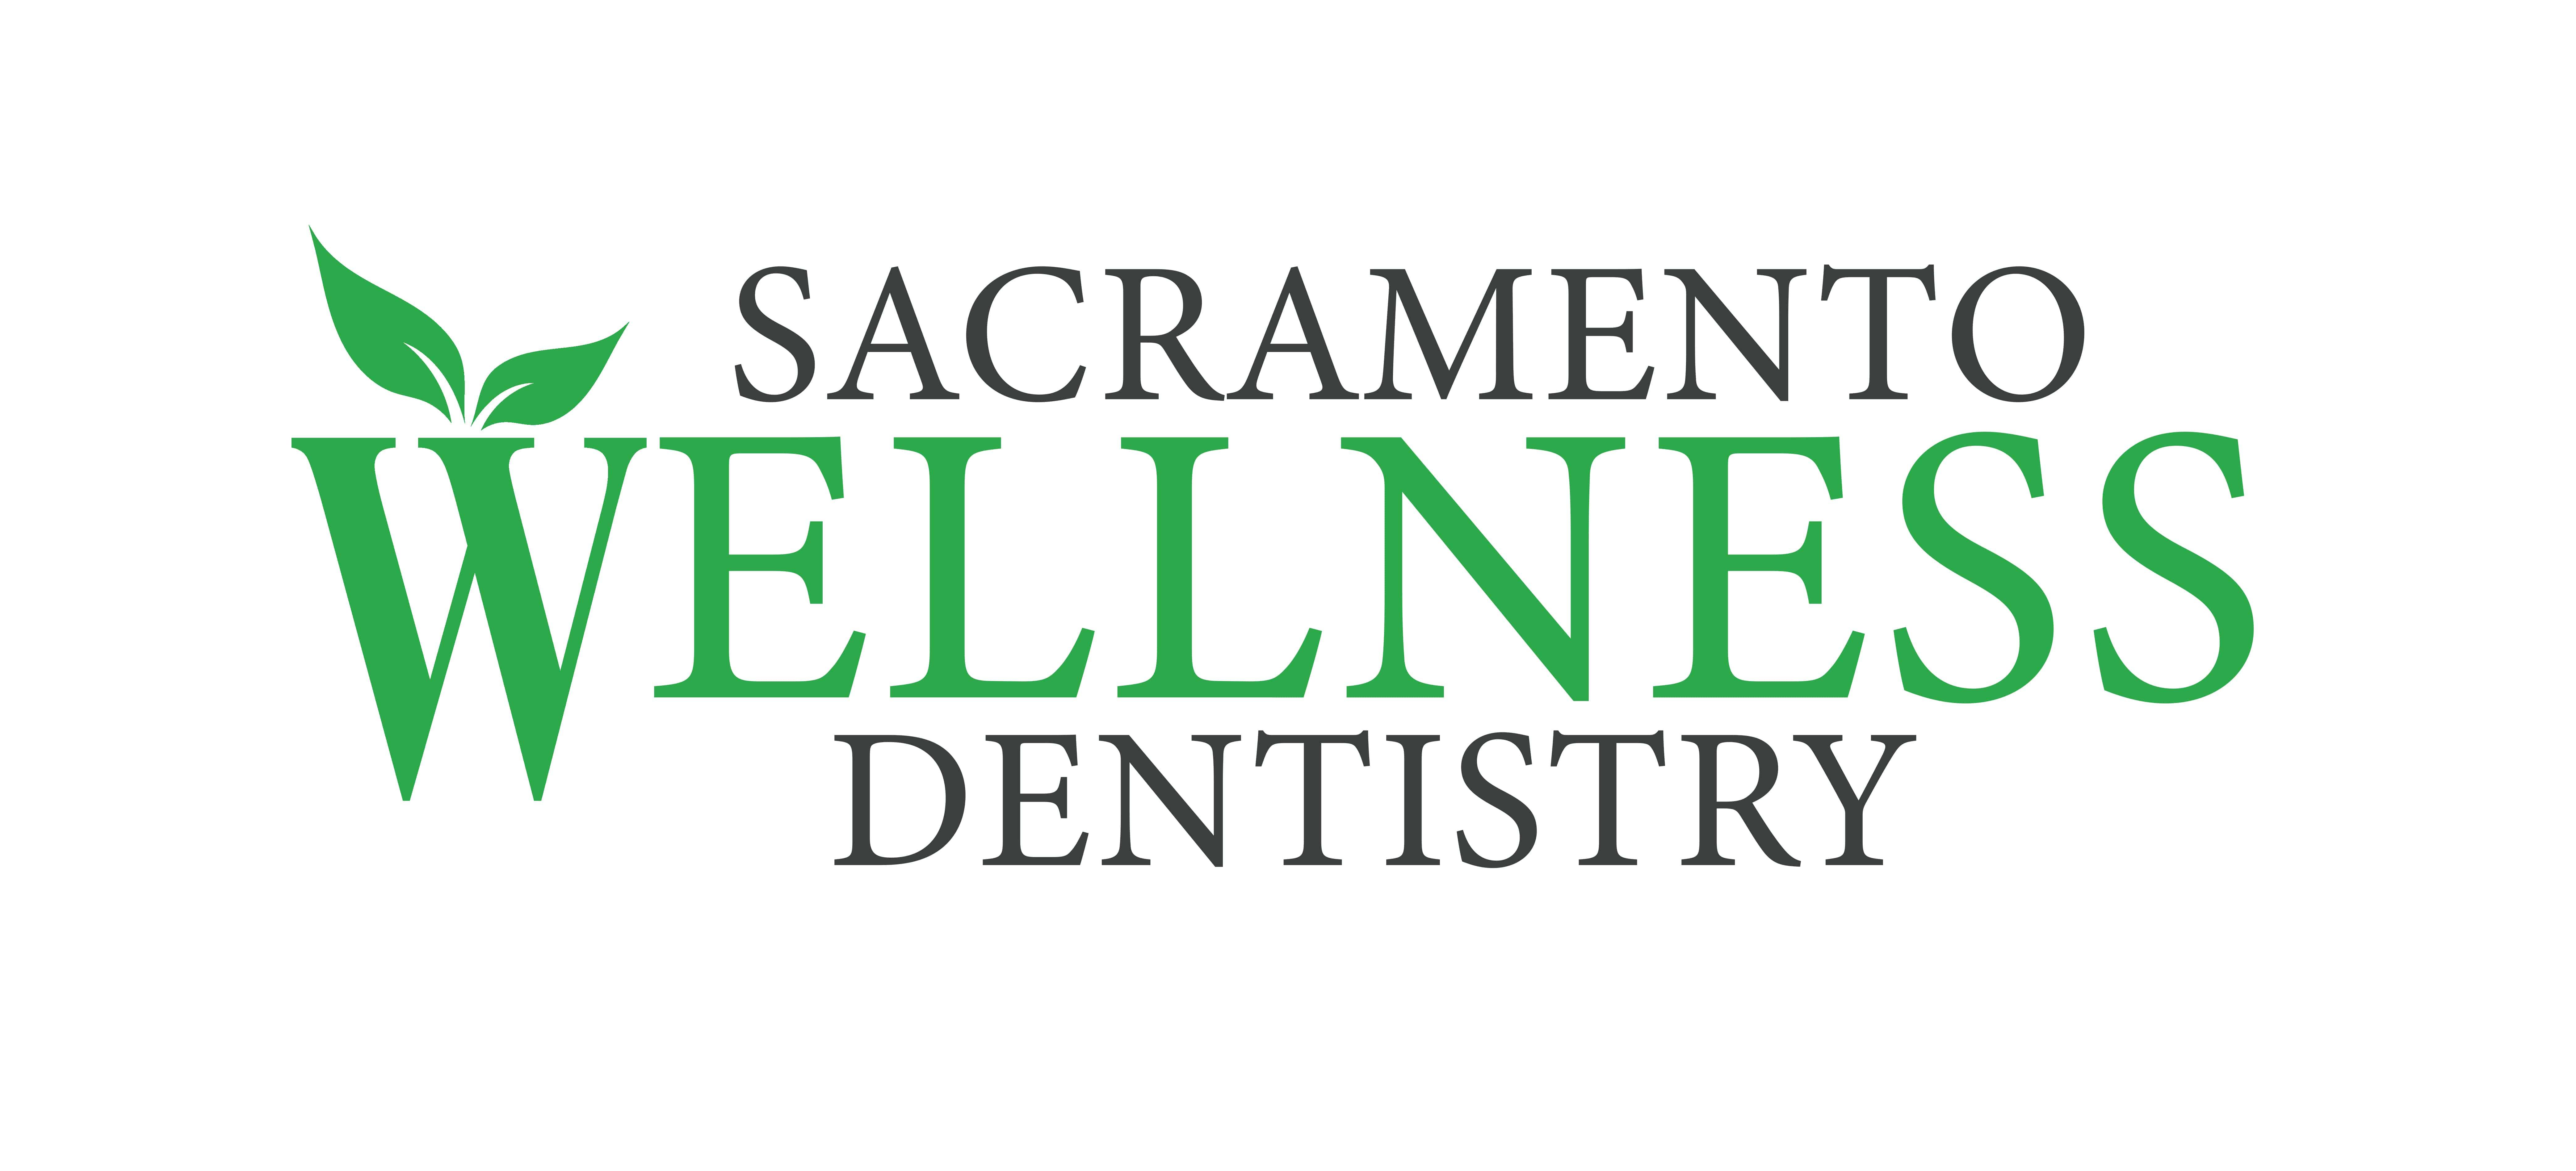 sacramento wellness dentistry logo